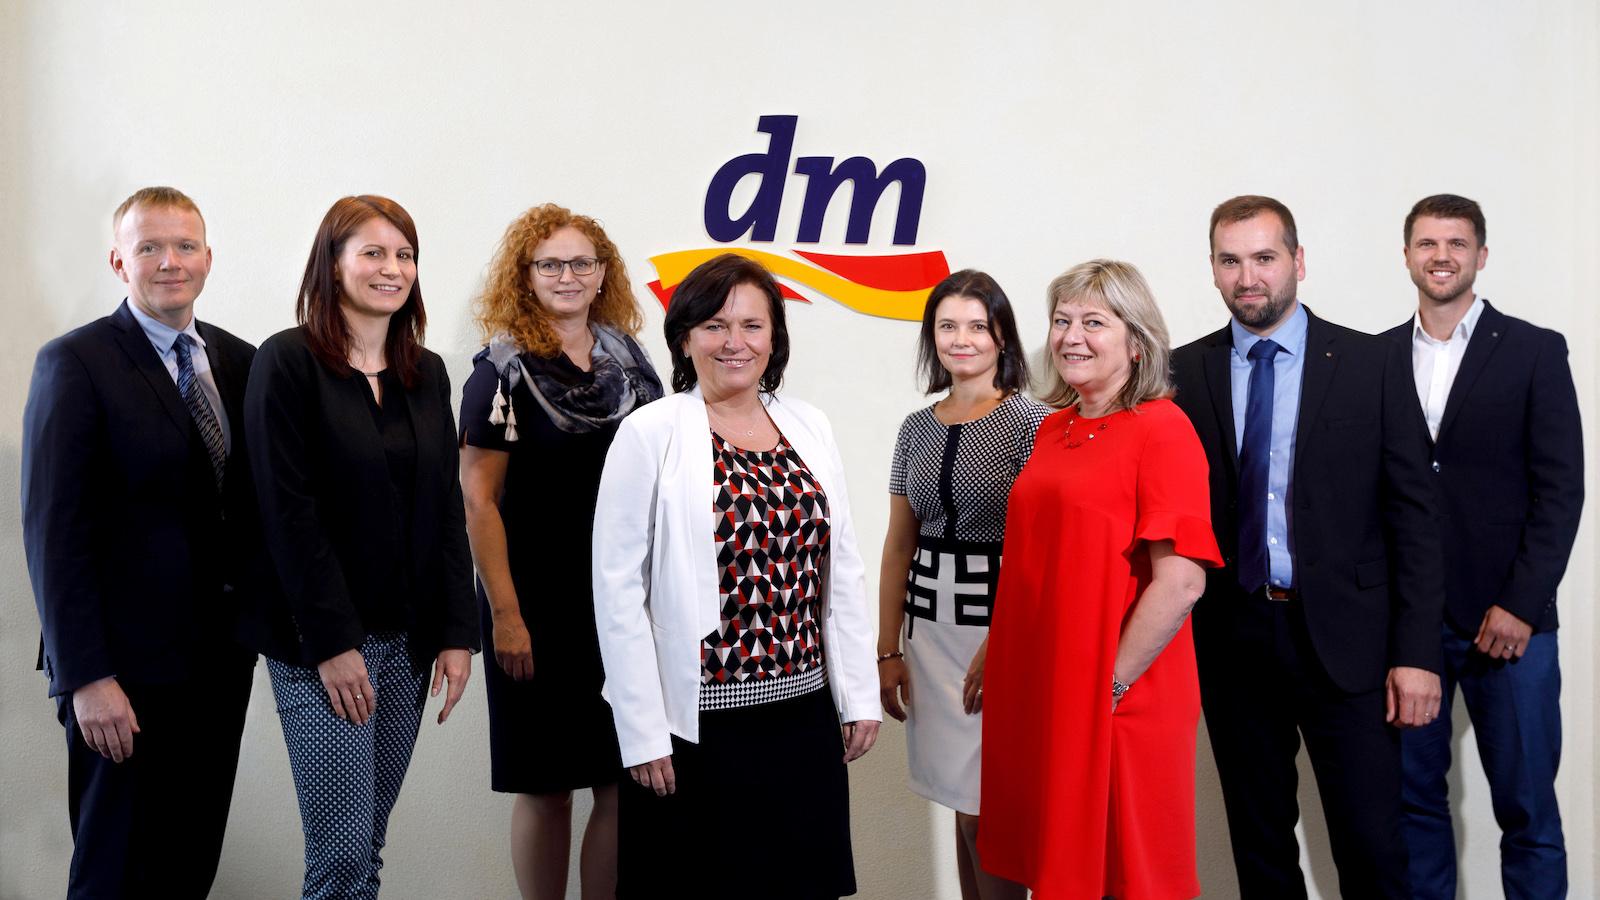 Nové širší vedení Dm Drogerie Markt